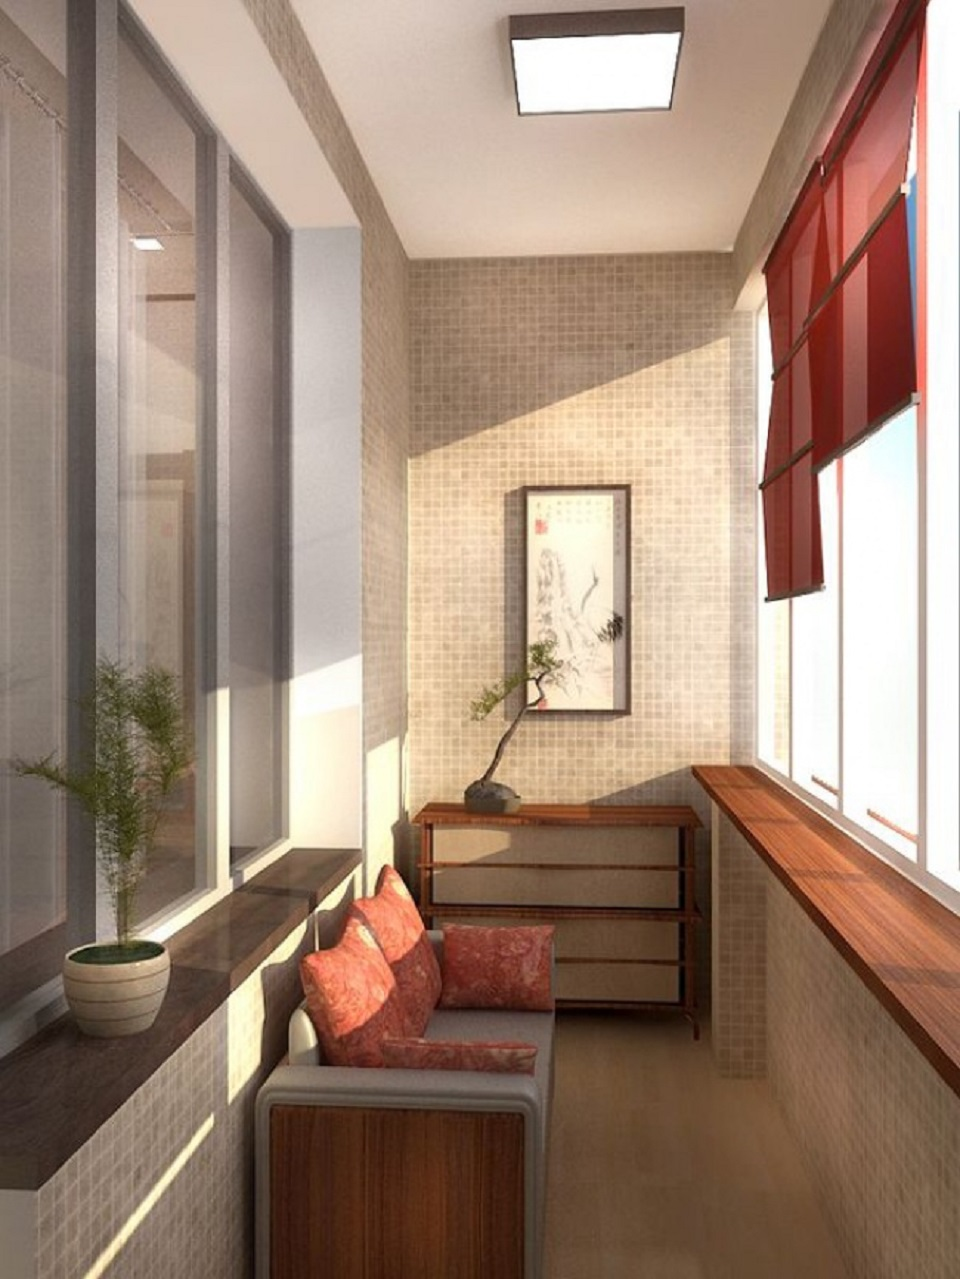 Отделка балкона внутри: фото-идеи оригинальных решений 76